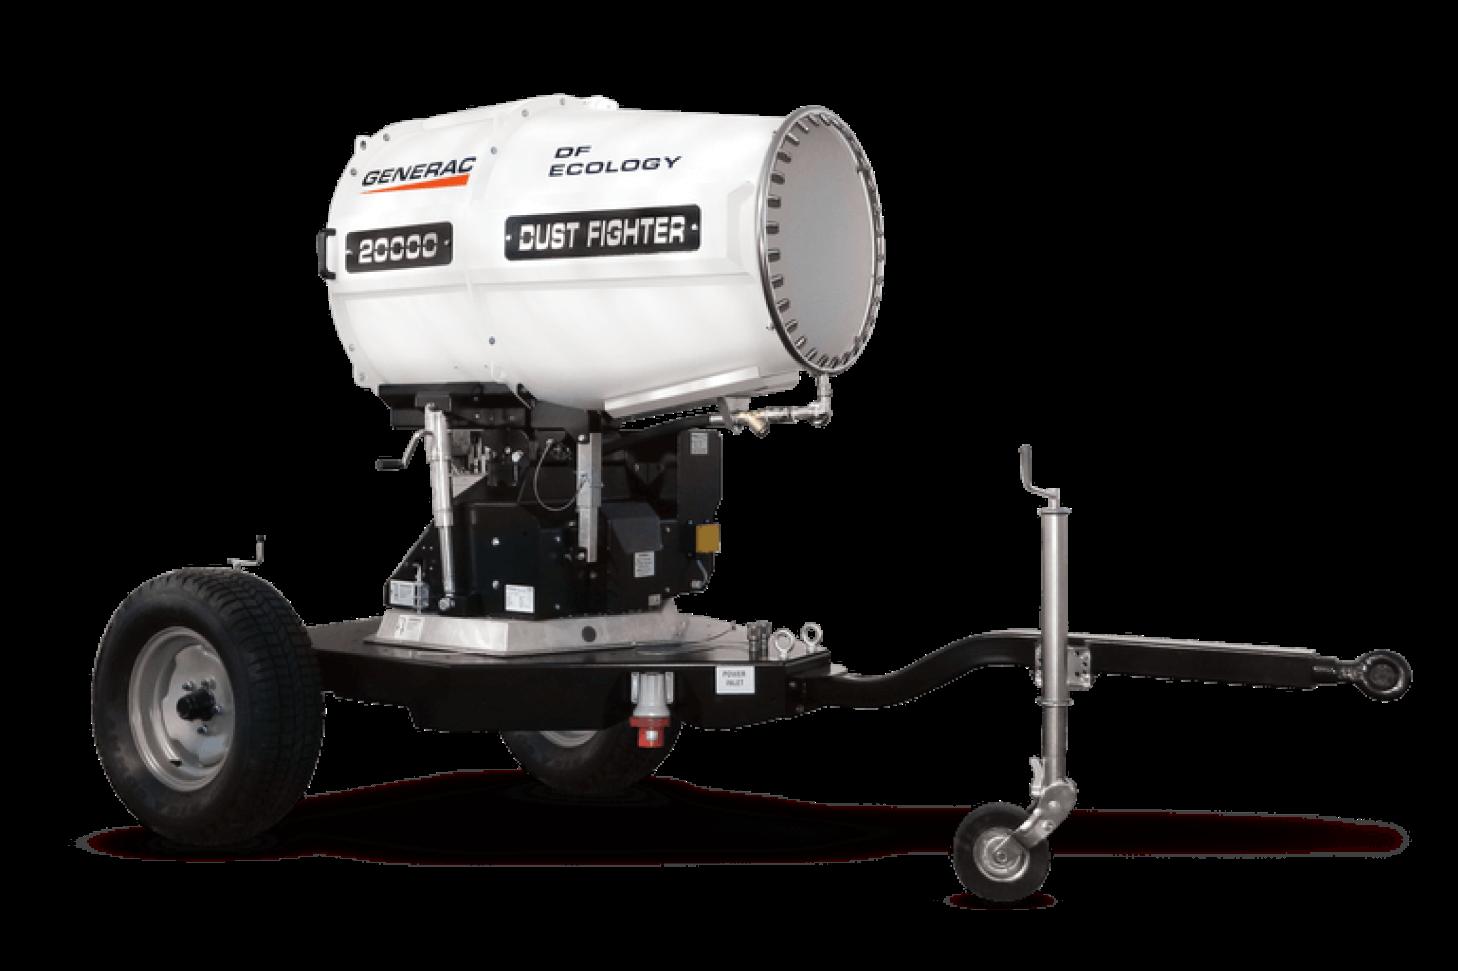 DF 20000 Generac Mobile Установка подавления пыли